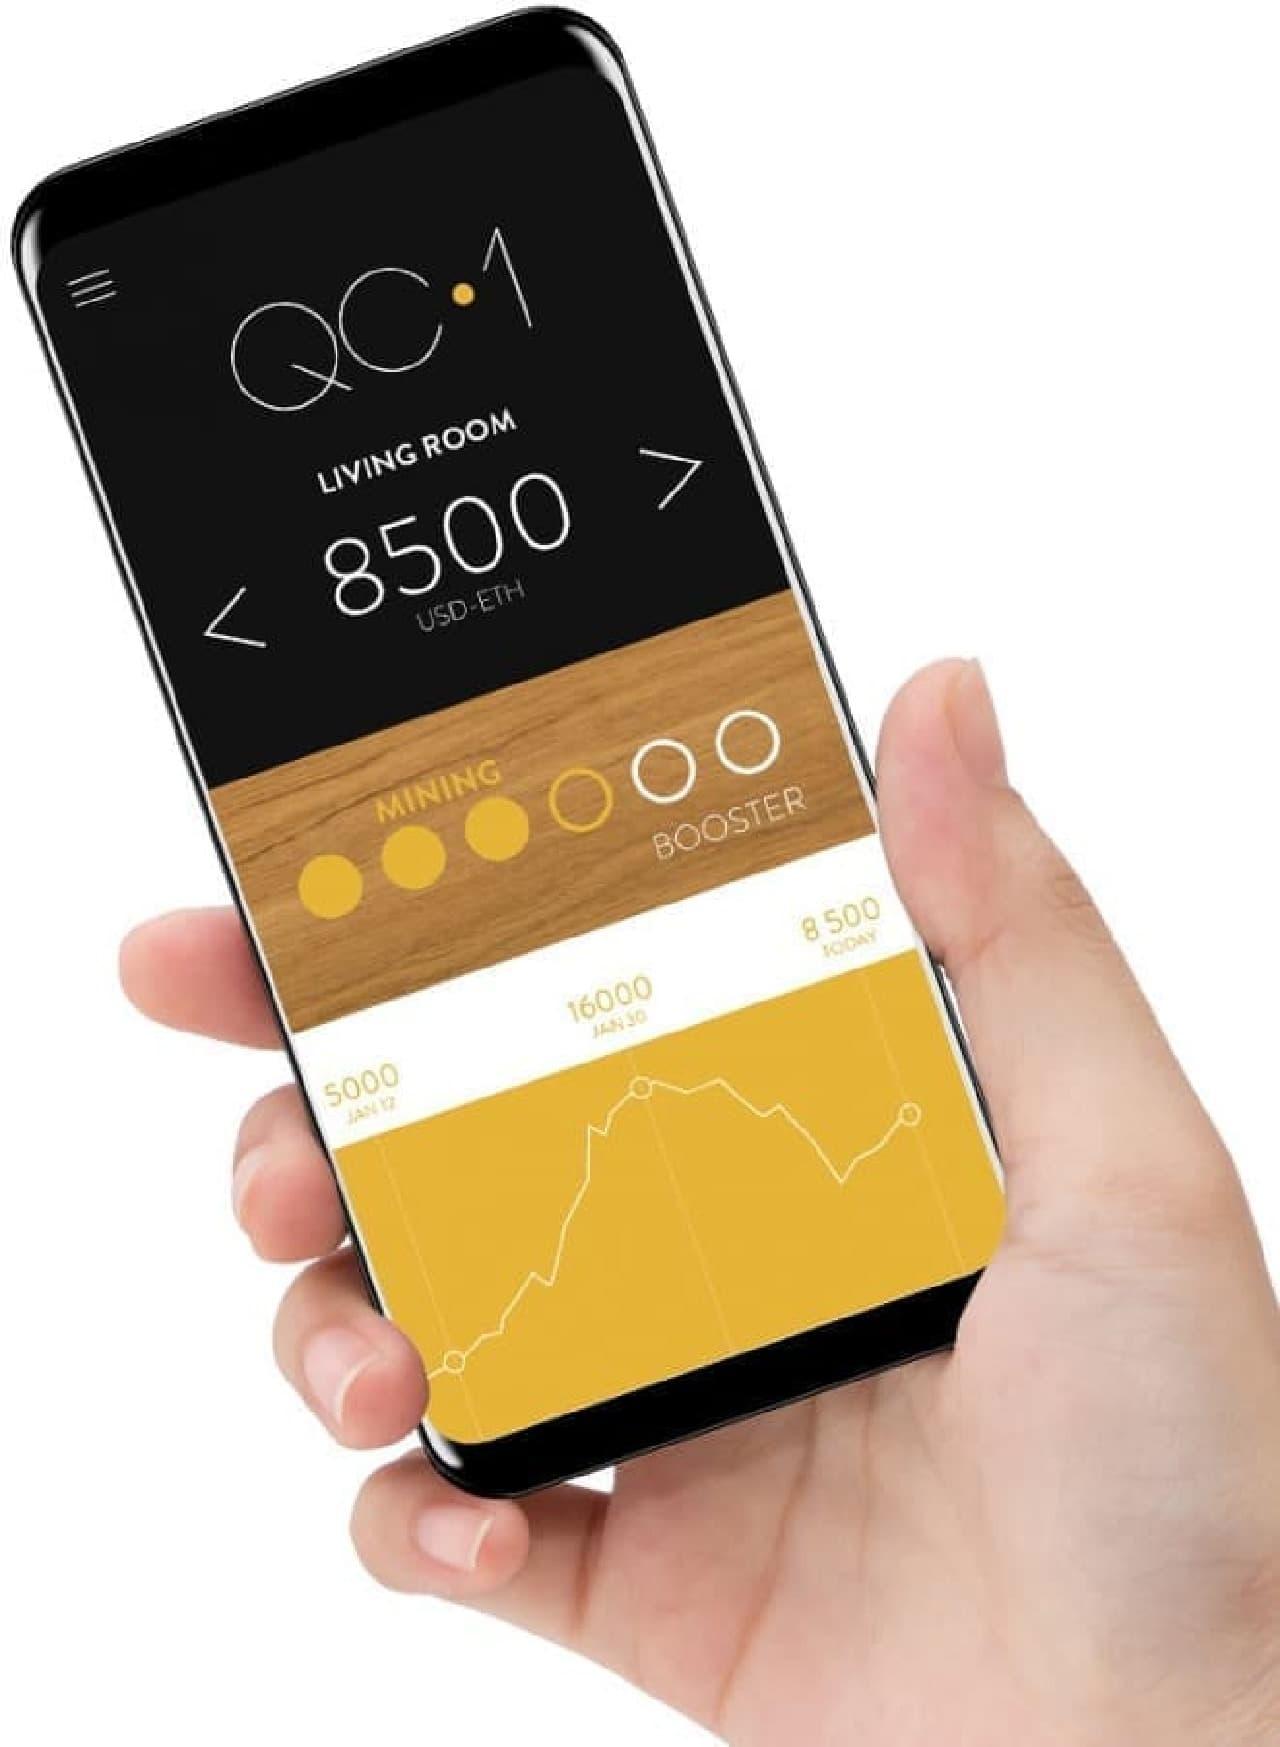 仮想通貨をマイニングする熱で部屋を暖めるヒーター「Crypto Heater QC-1」